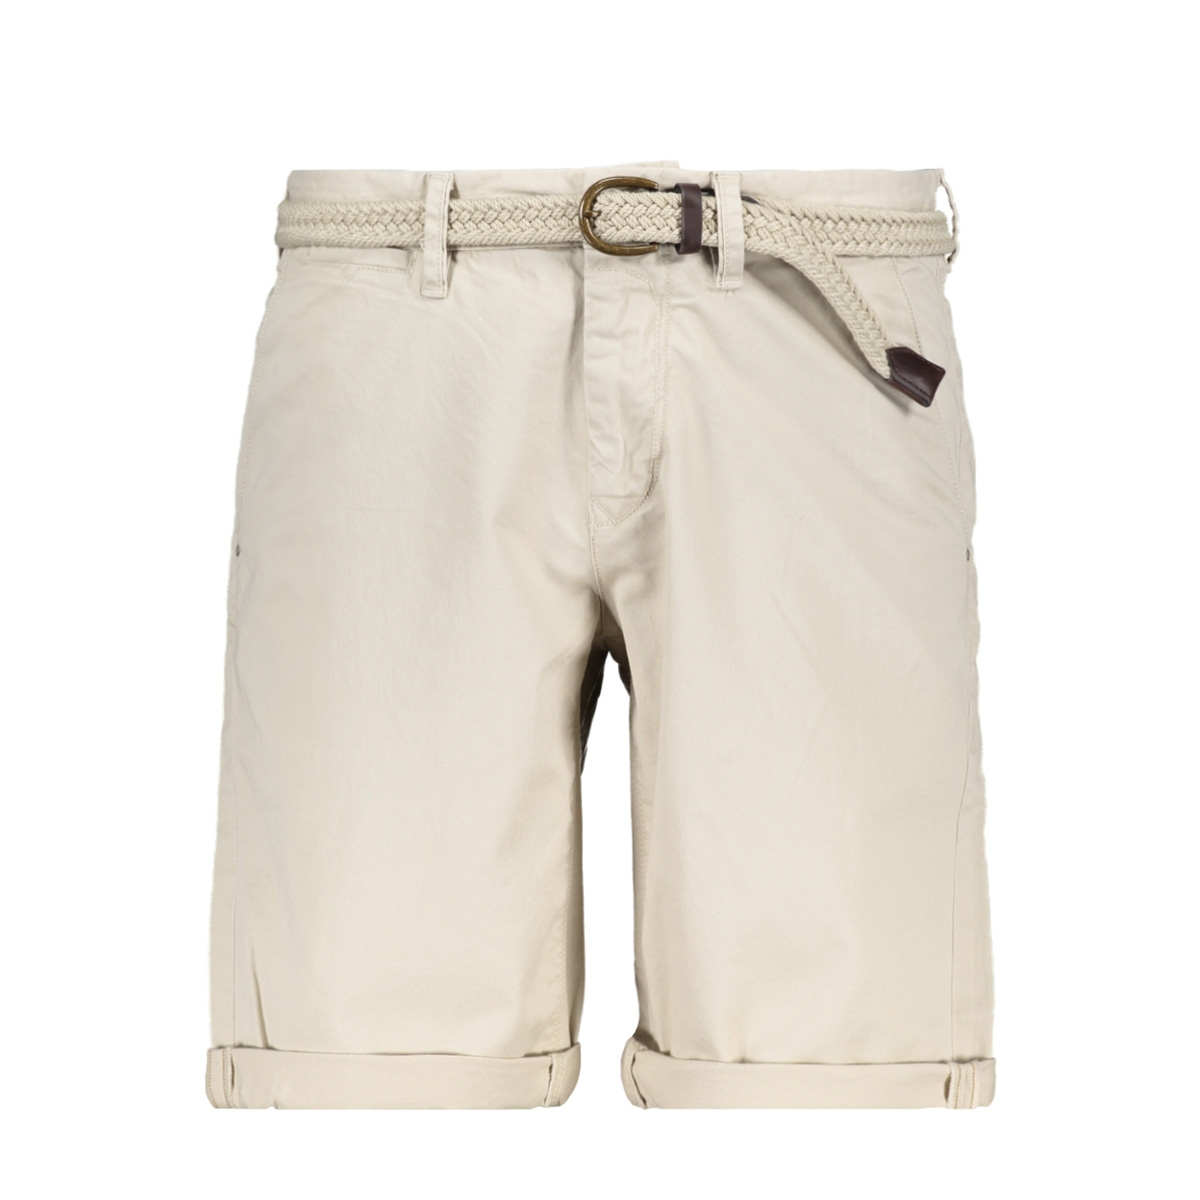 v65 short vsh194102 vanguard korte broek 9009